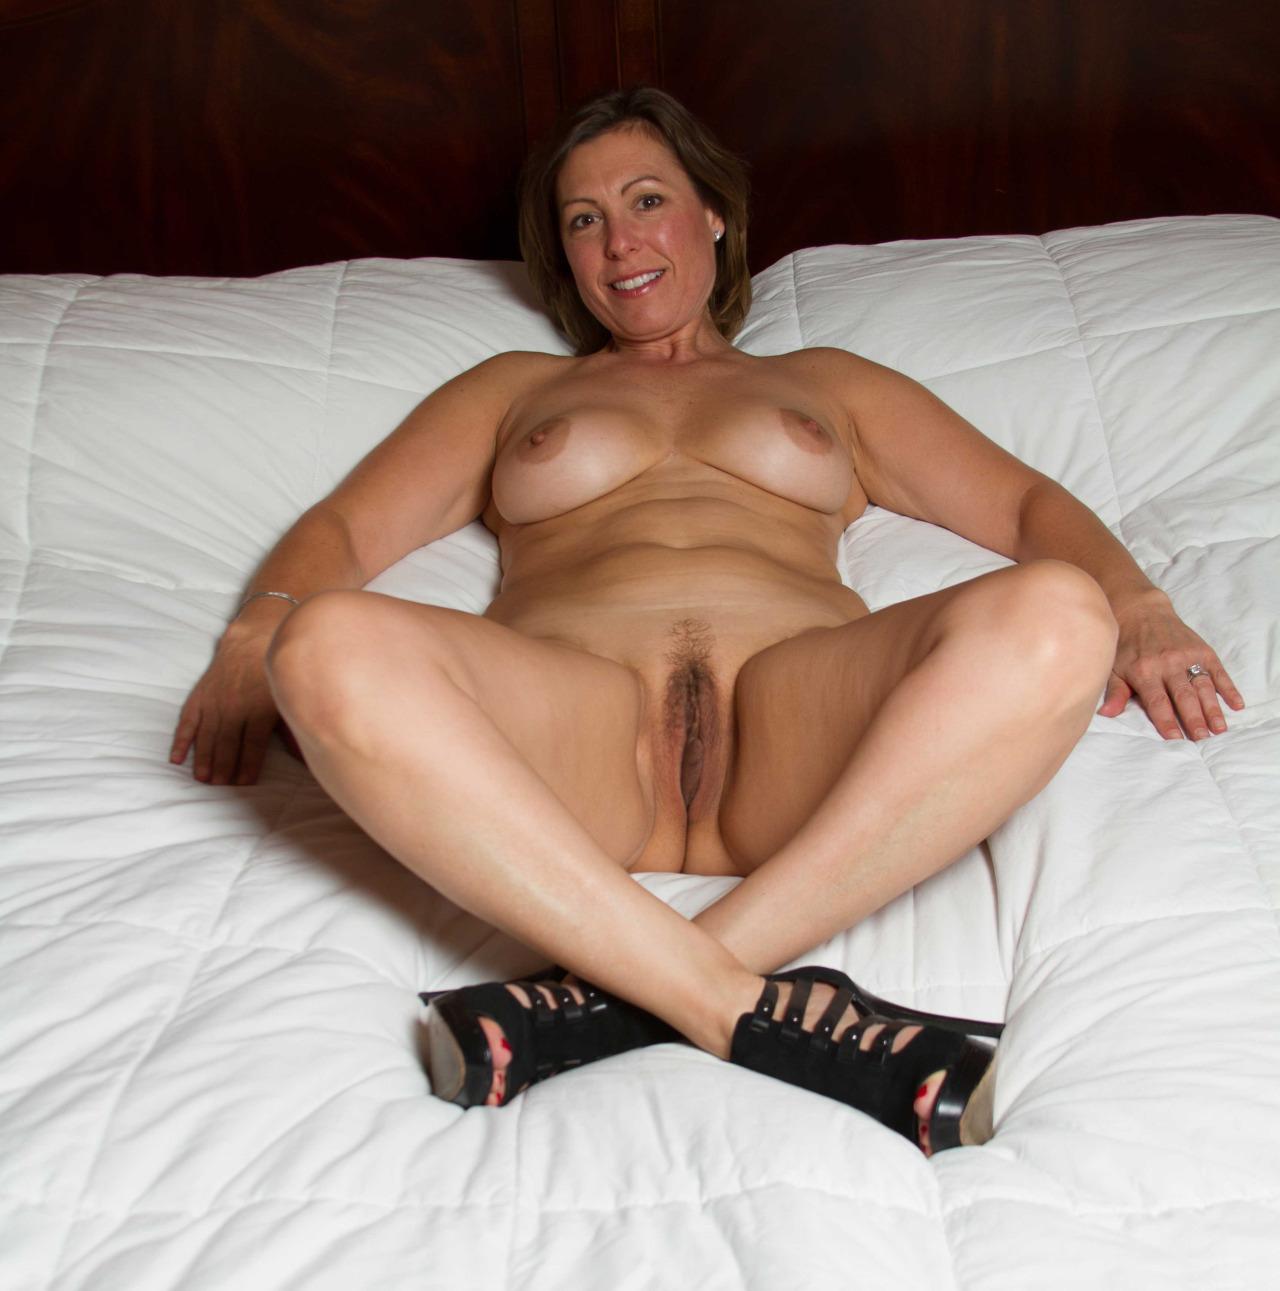 maman nue en photo sexe  118